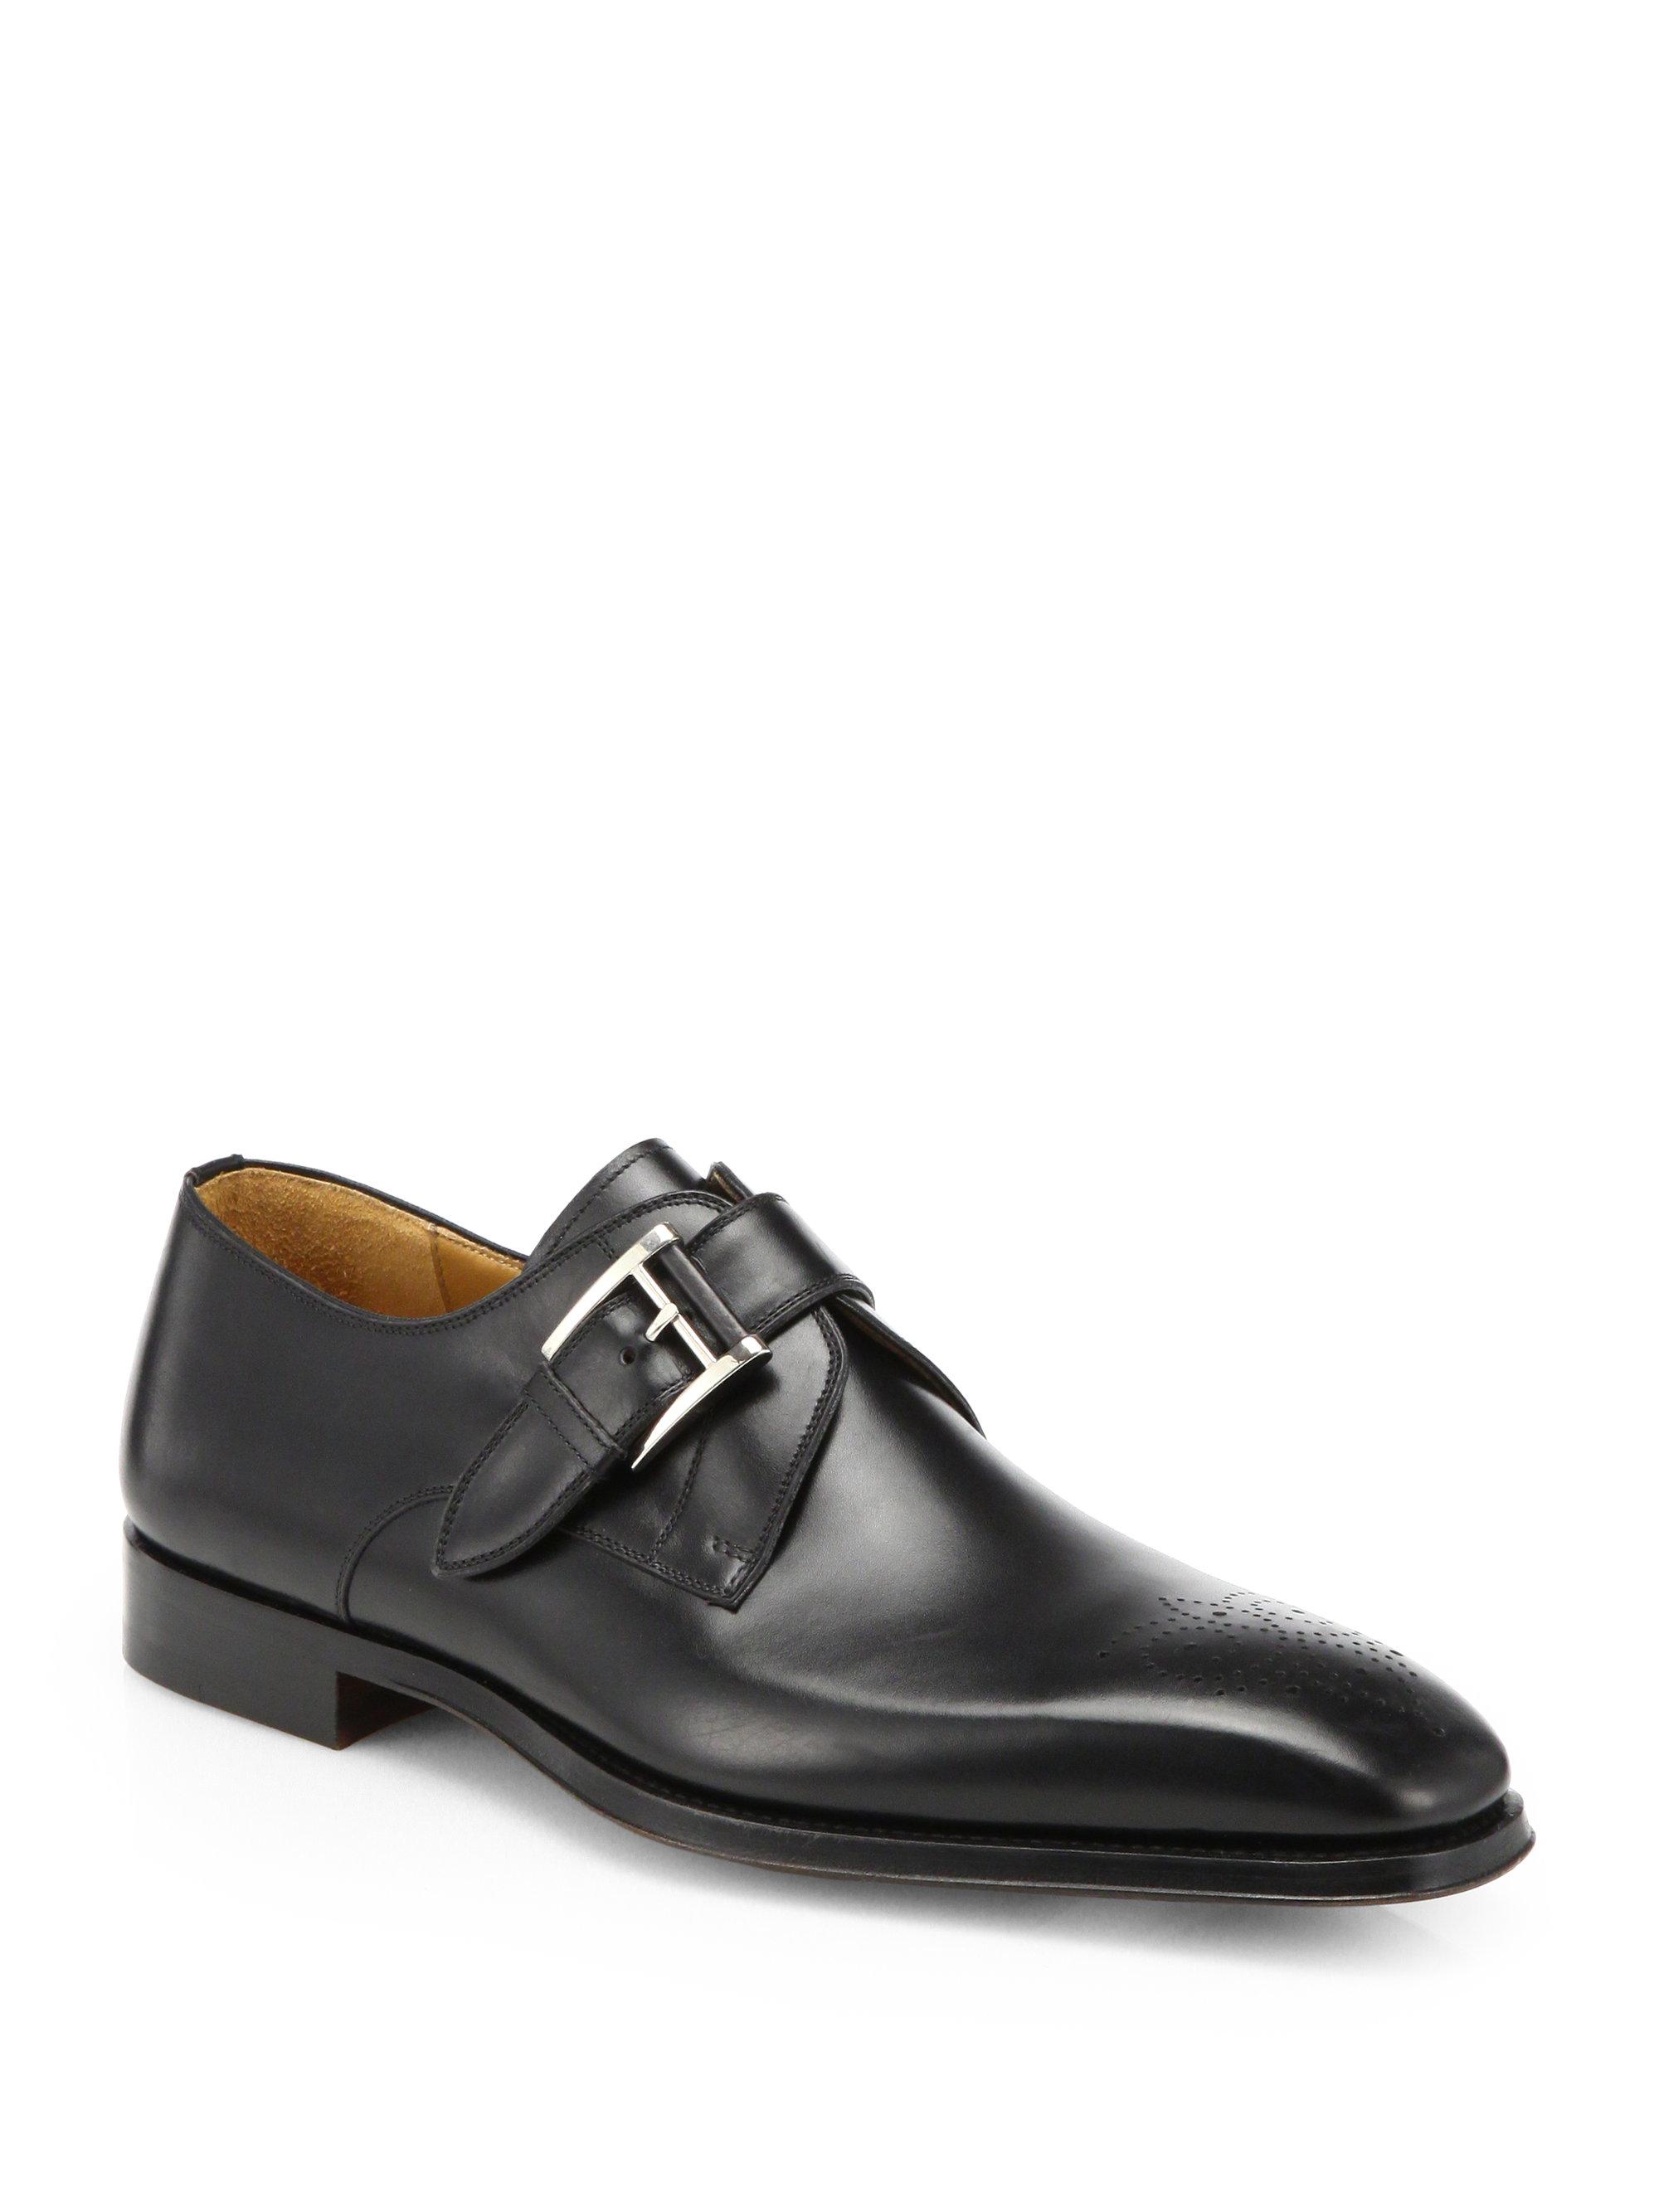 Magnanni Shoe Size